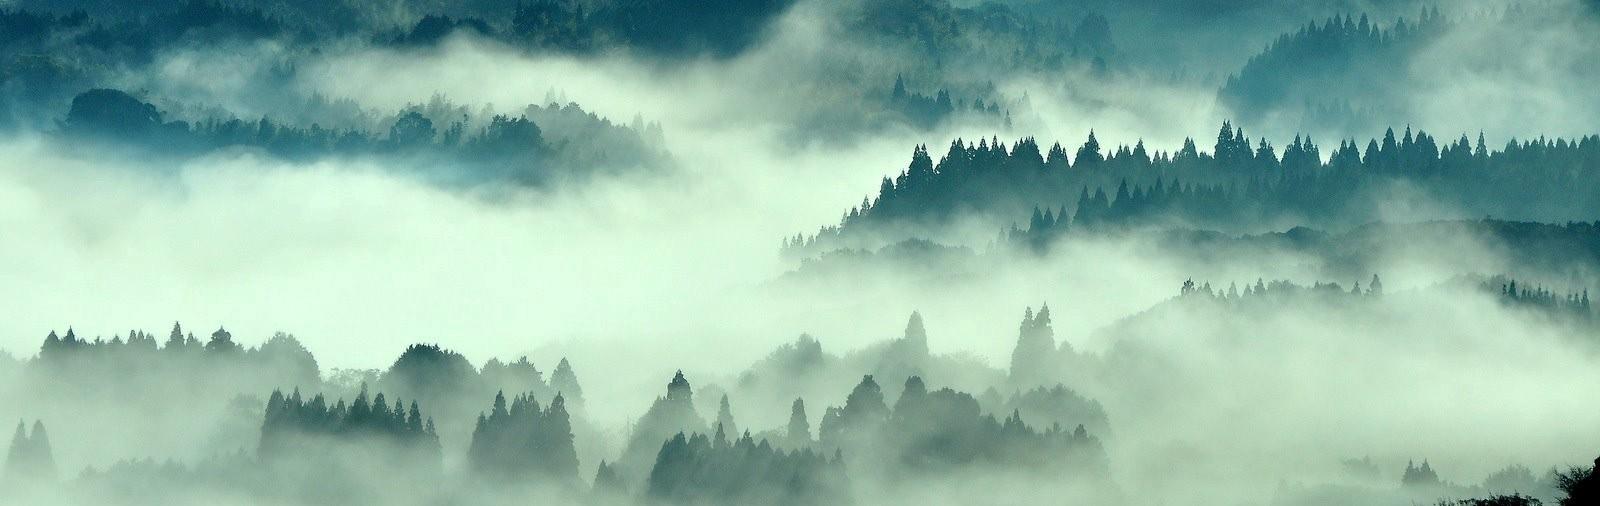 熊本県|人吉市|大和一酒造元|温泉焼酎|牛乳焼酎|玄米焼酎|球磨焼酎|米焼酎|人吉盆地|球磨盆地|